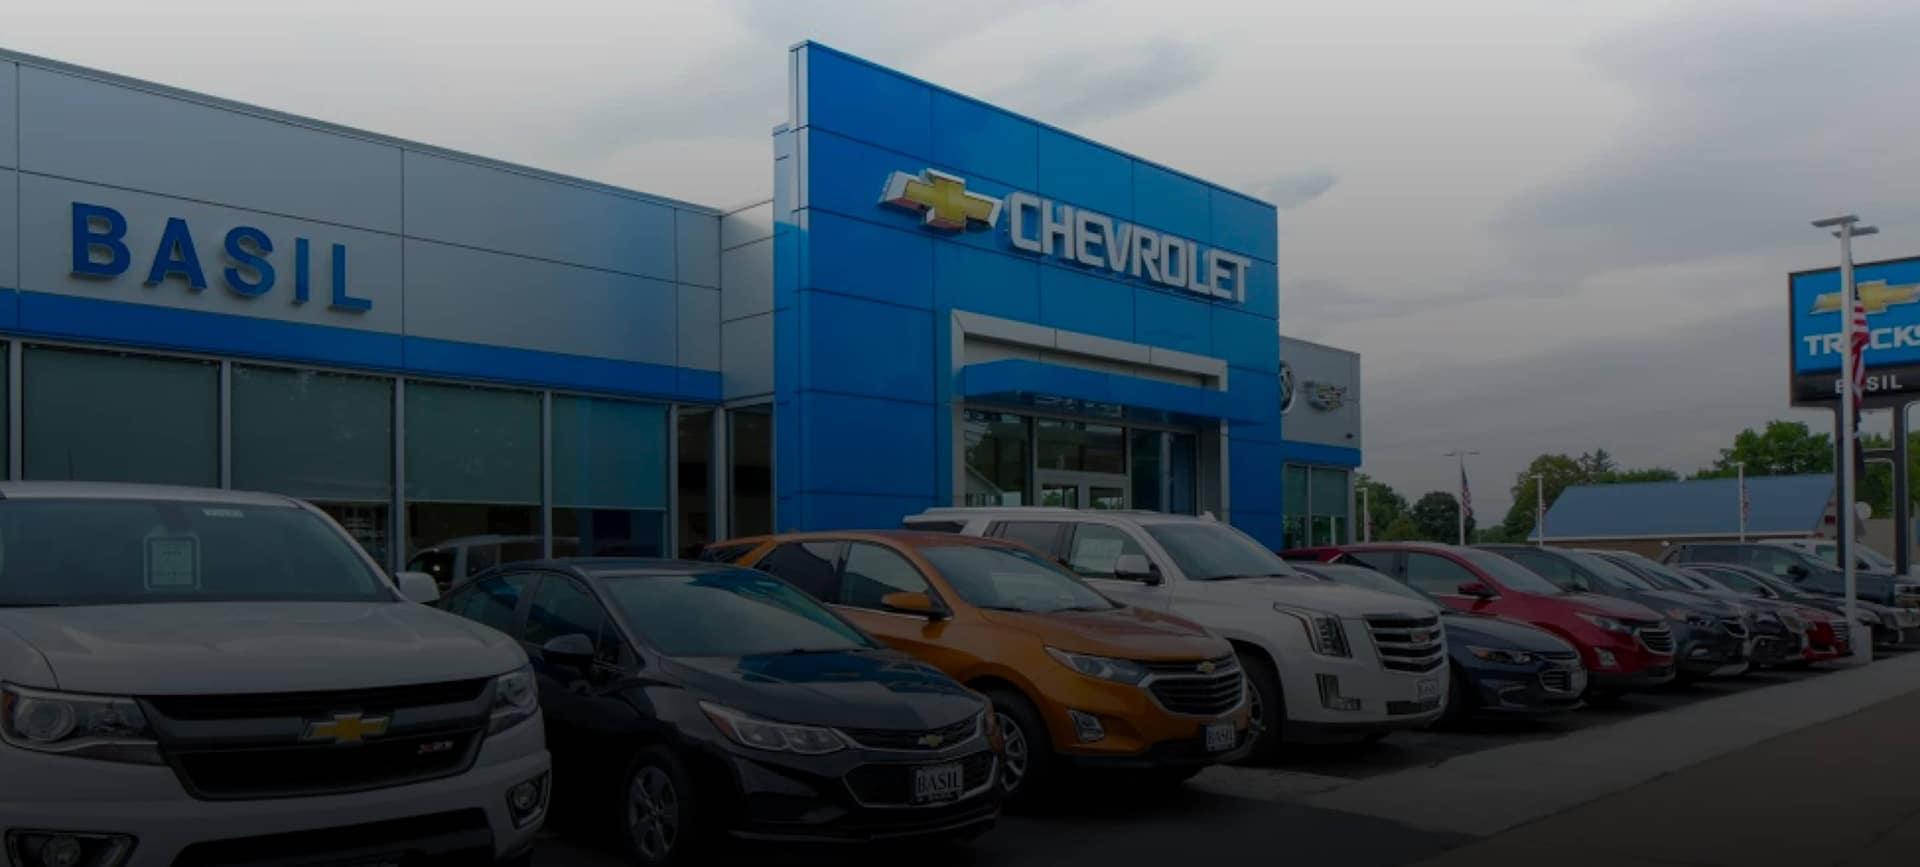 Basil Chevrolet storefront